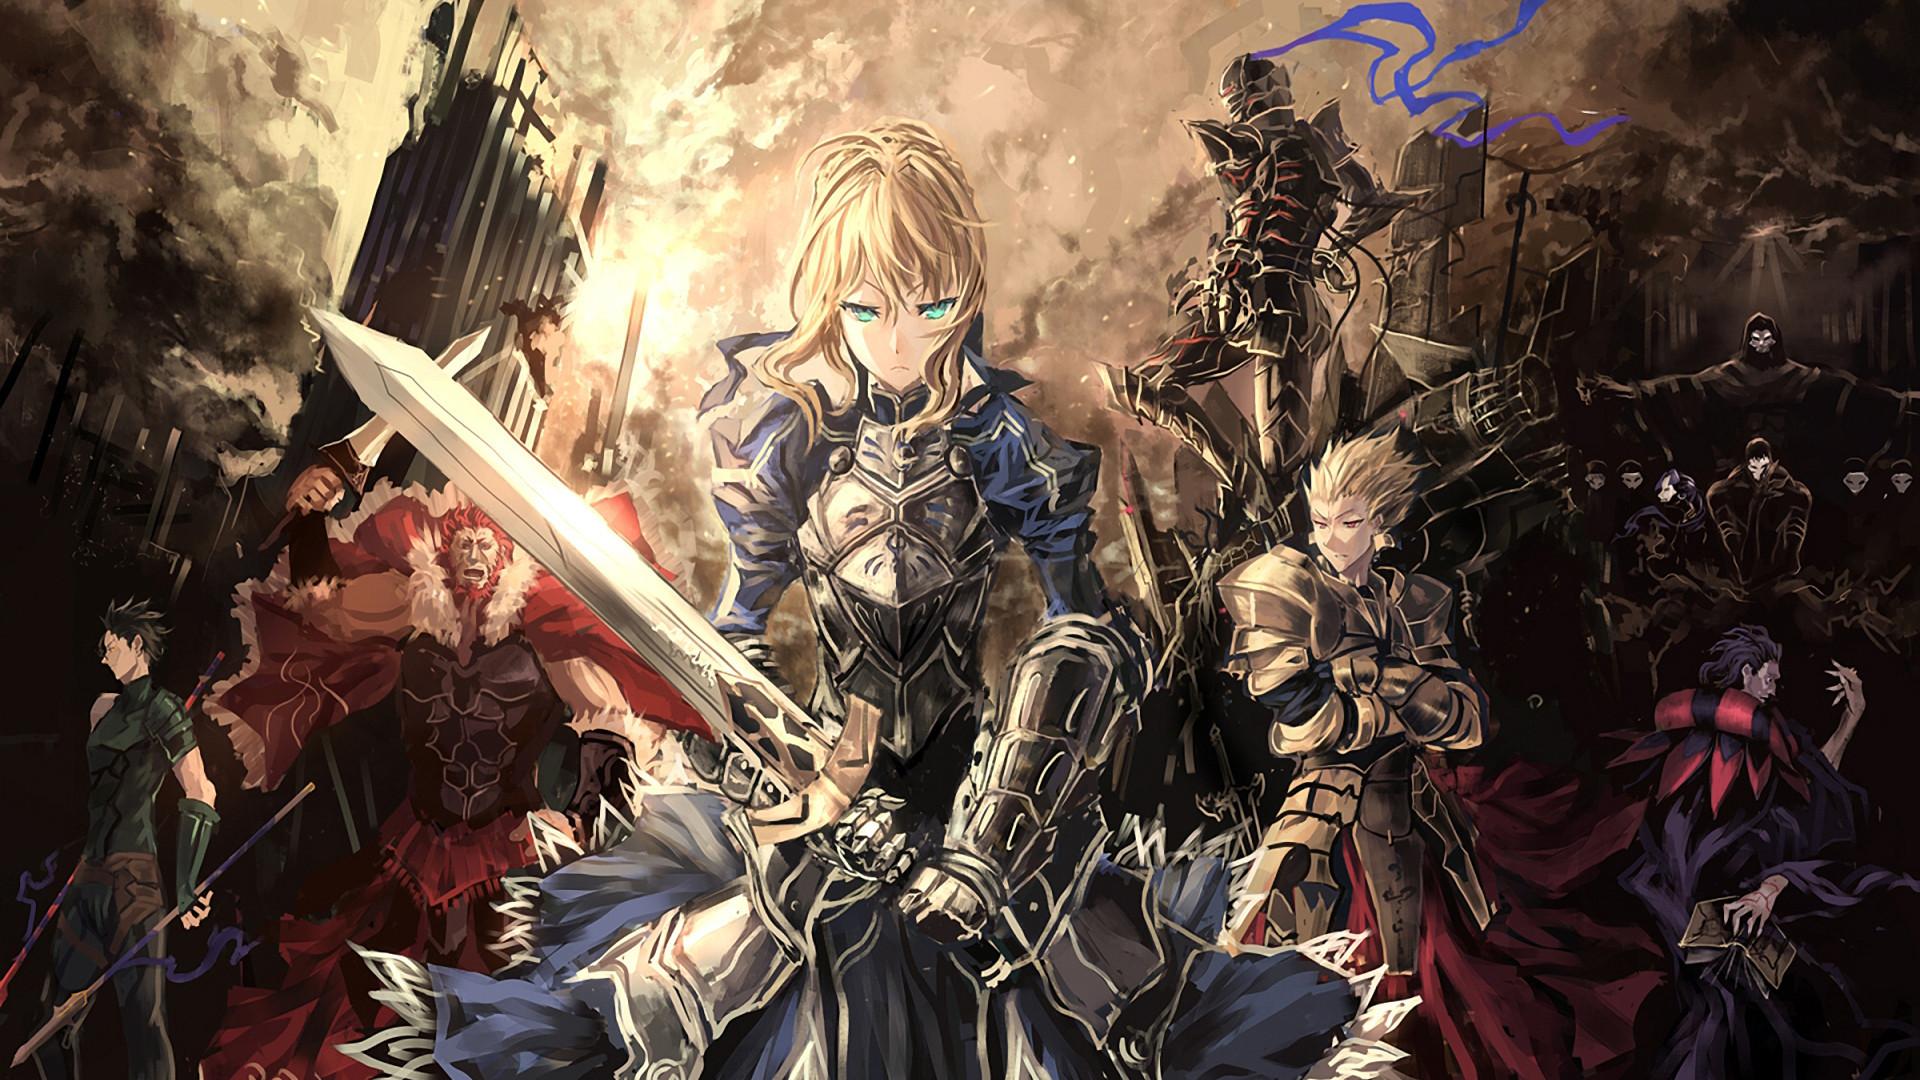 Fate Zero saber lancer caster rider berserker archer assassin servants  armor weapons city wallpaper     148557   WallpaperUP